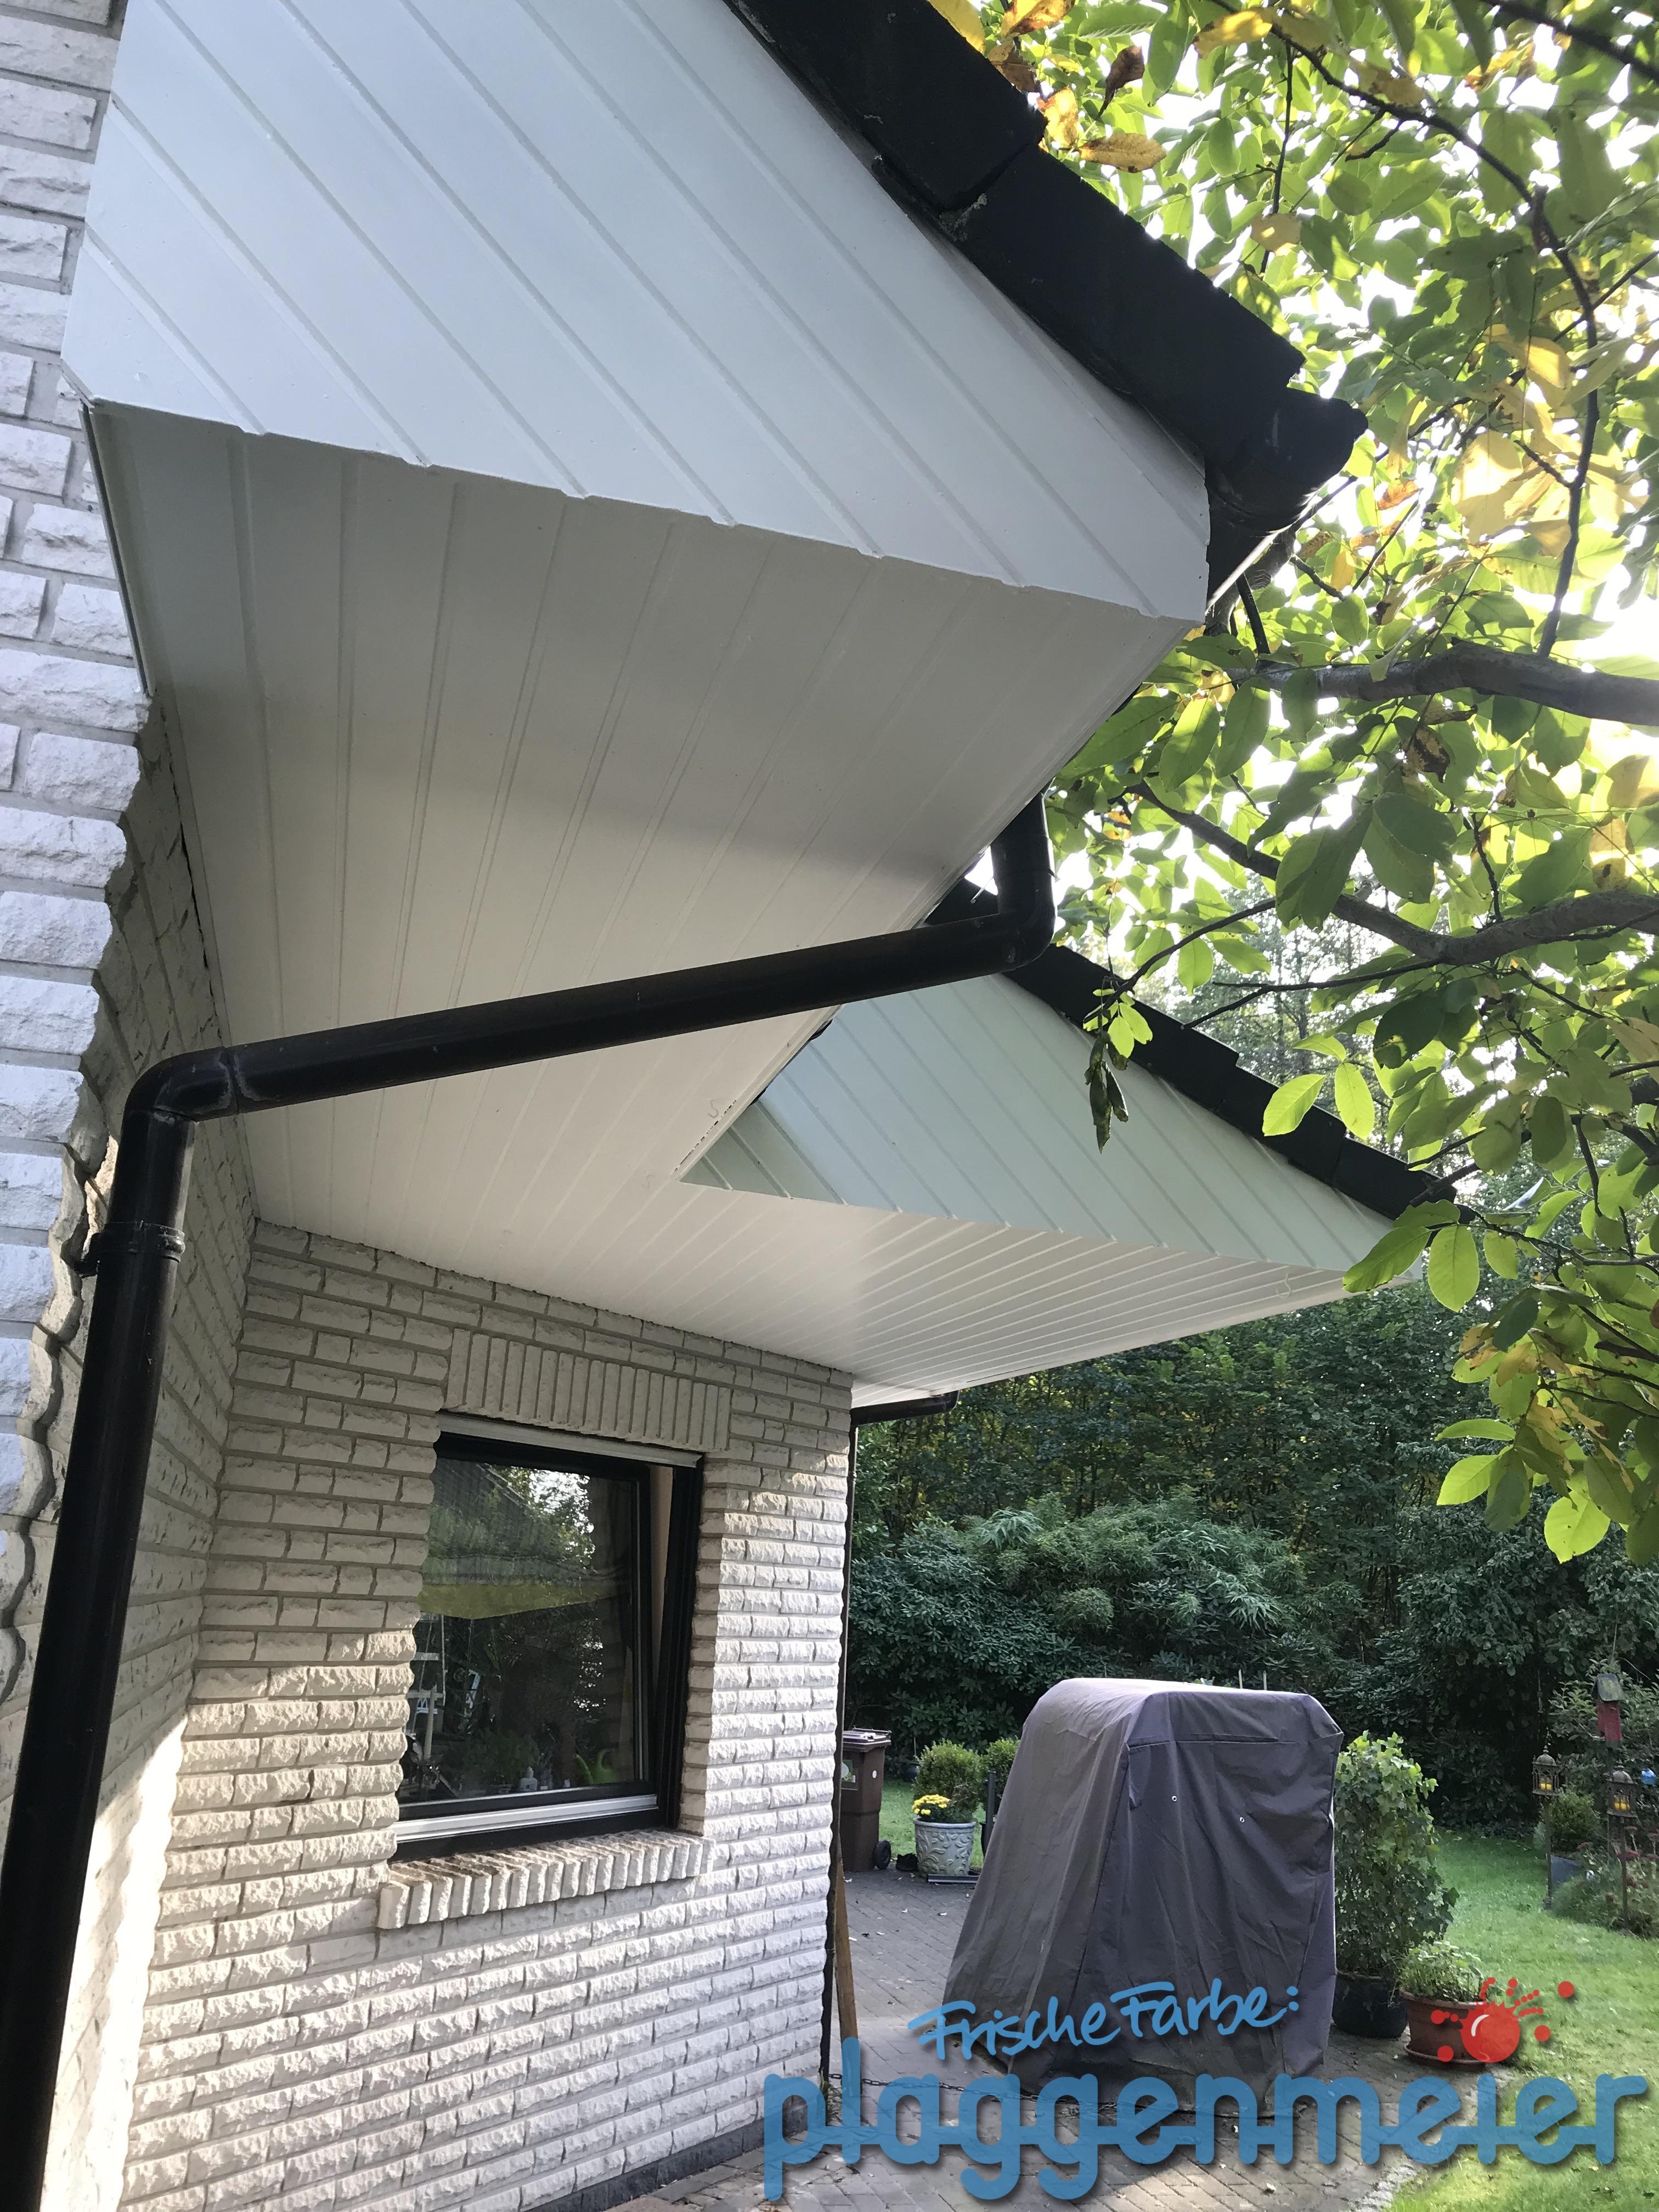 Wetterschutz am Dachüberstand fachmännisch: nicht einfach nur drüberwischen, sondern fachgerecht aufbereiten - Lieblingsmaler Plaggenmeier